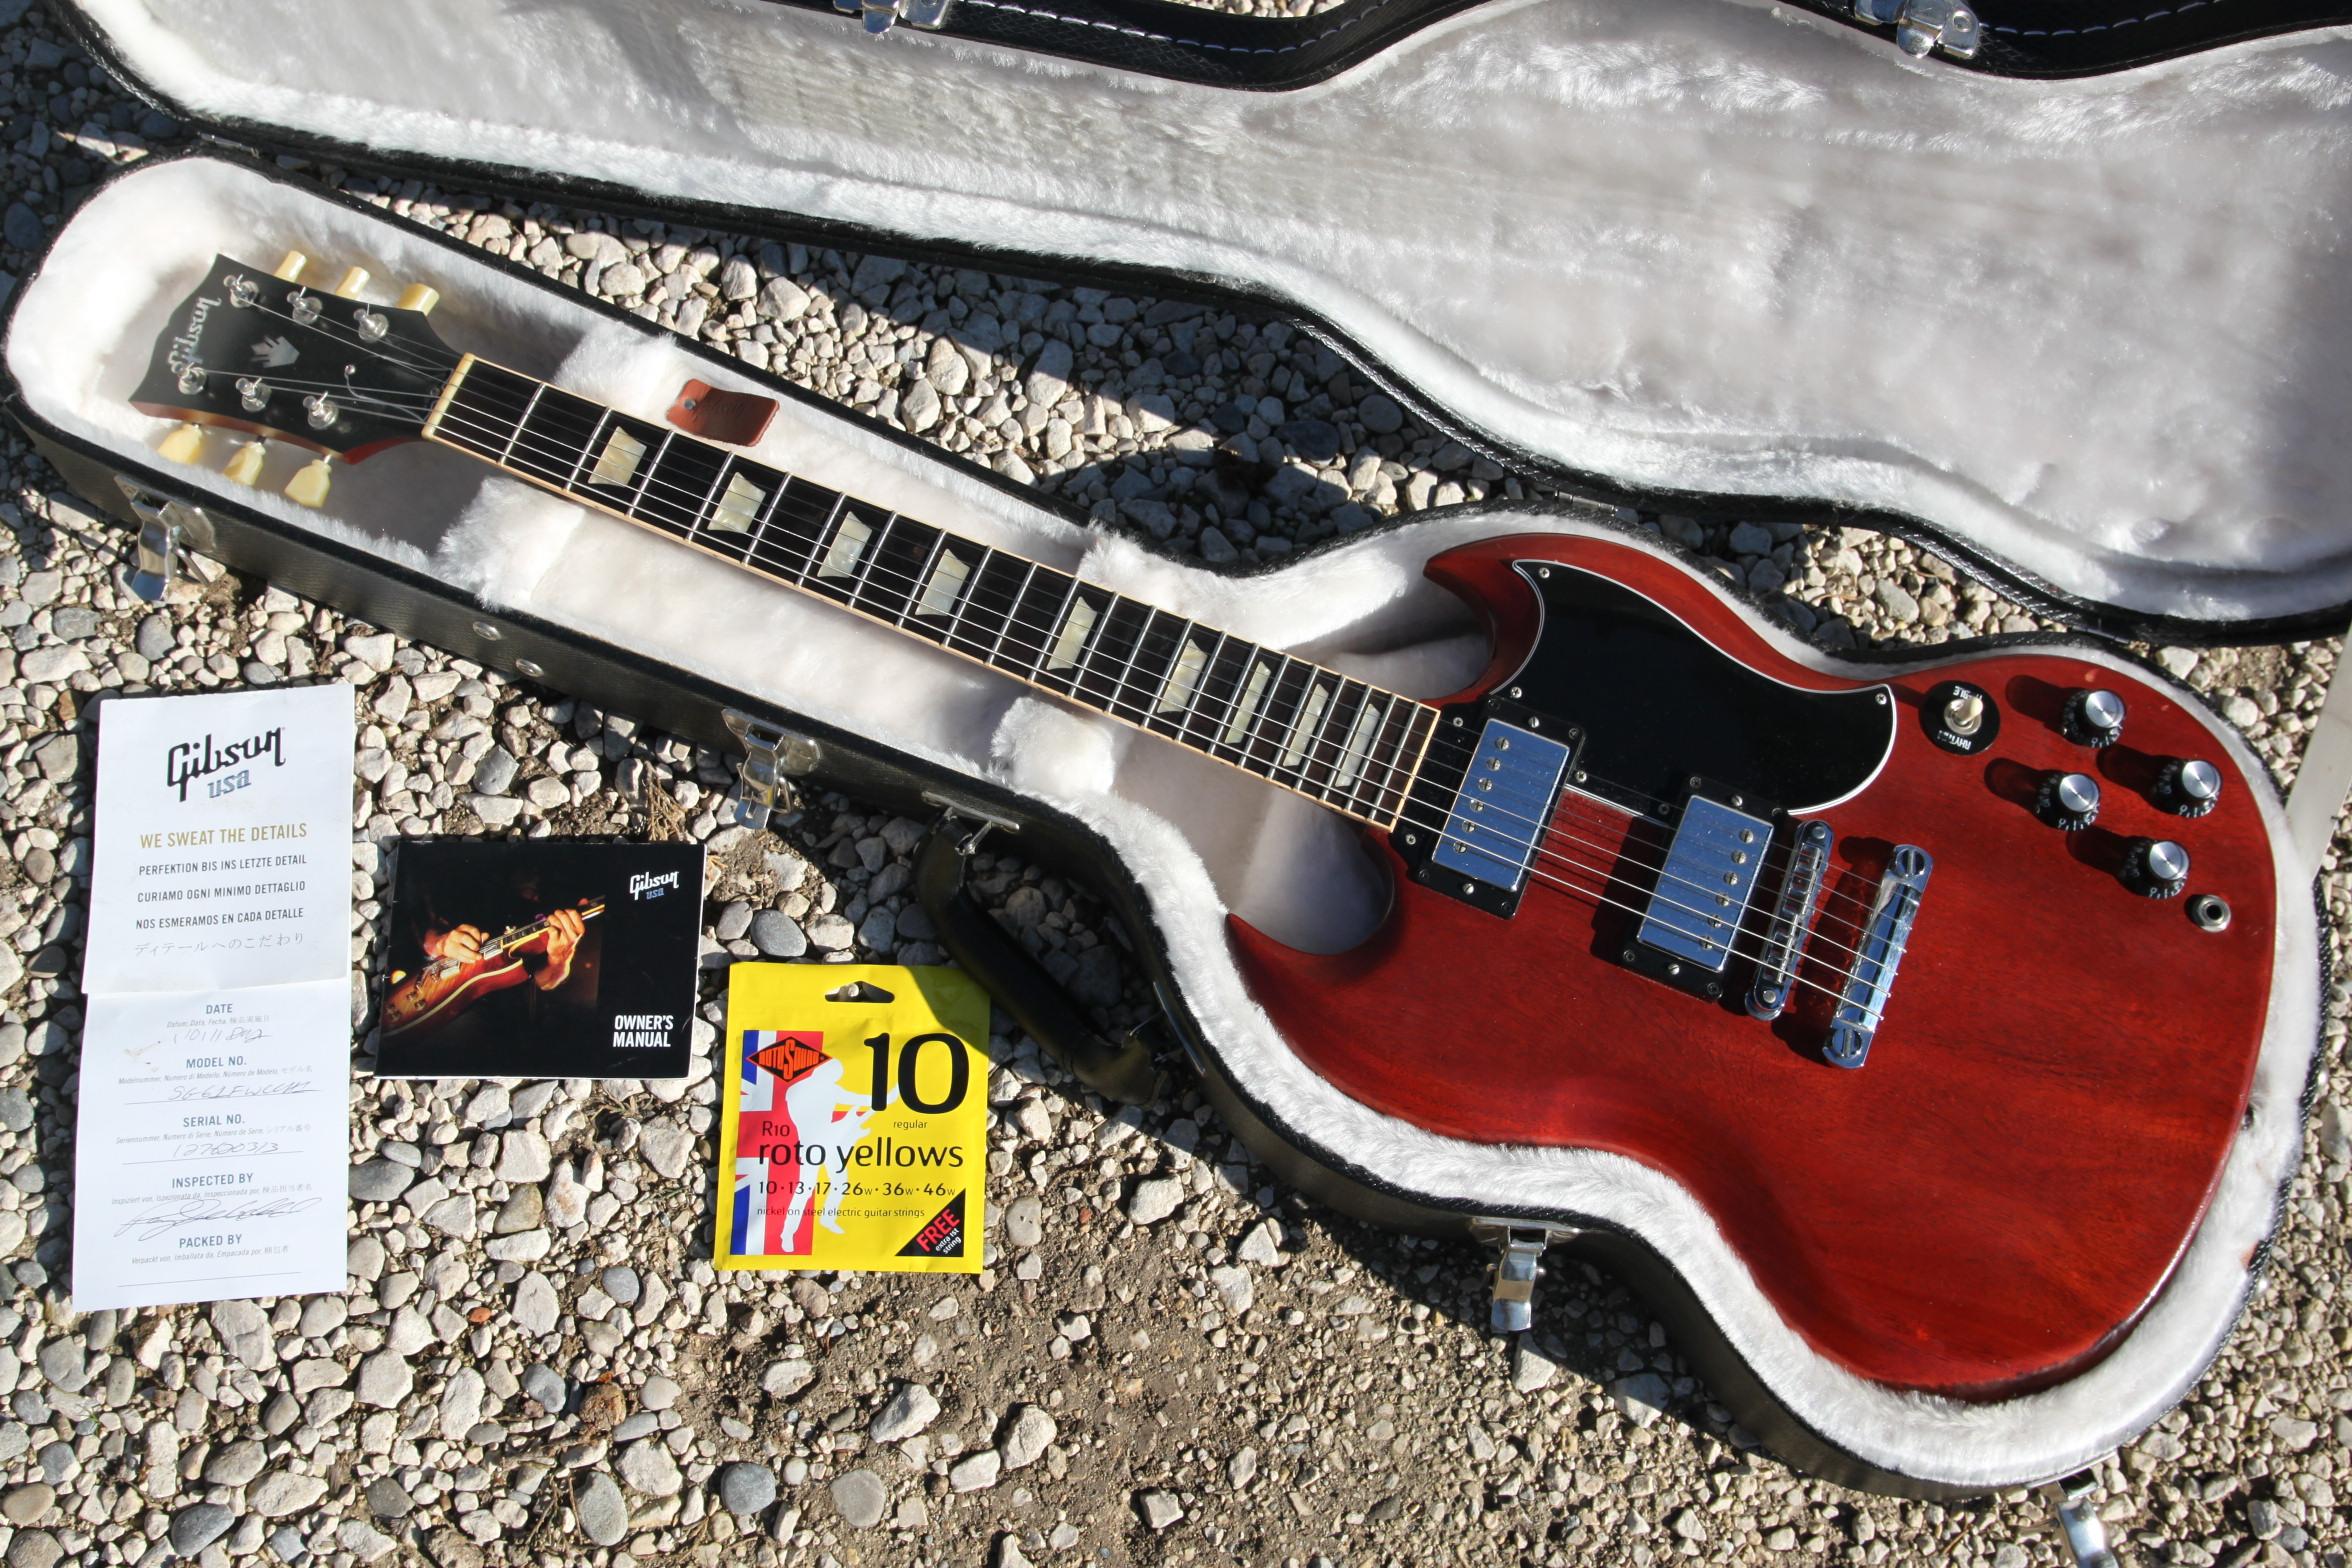 gibson sg 61 reissue satin worn cherry image 2129479 rh en audiofanzine com Gibson Flying V gibson sg standard owner's manual